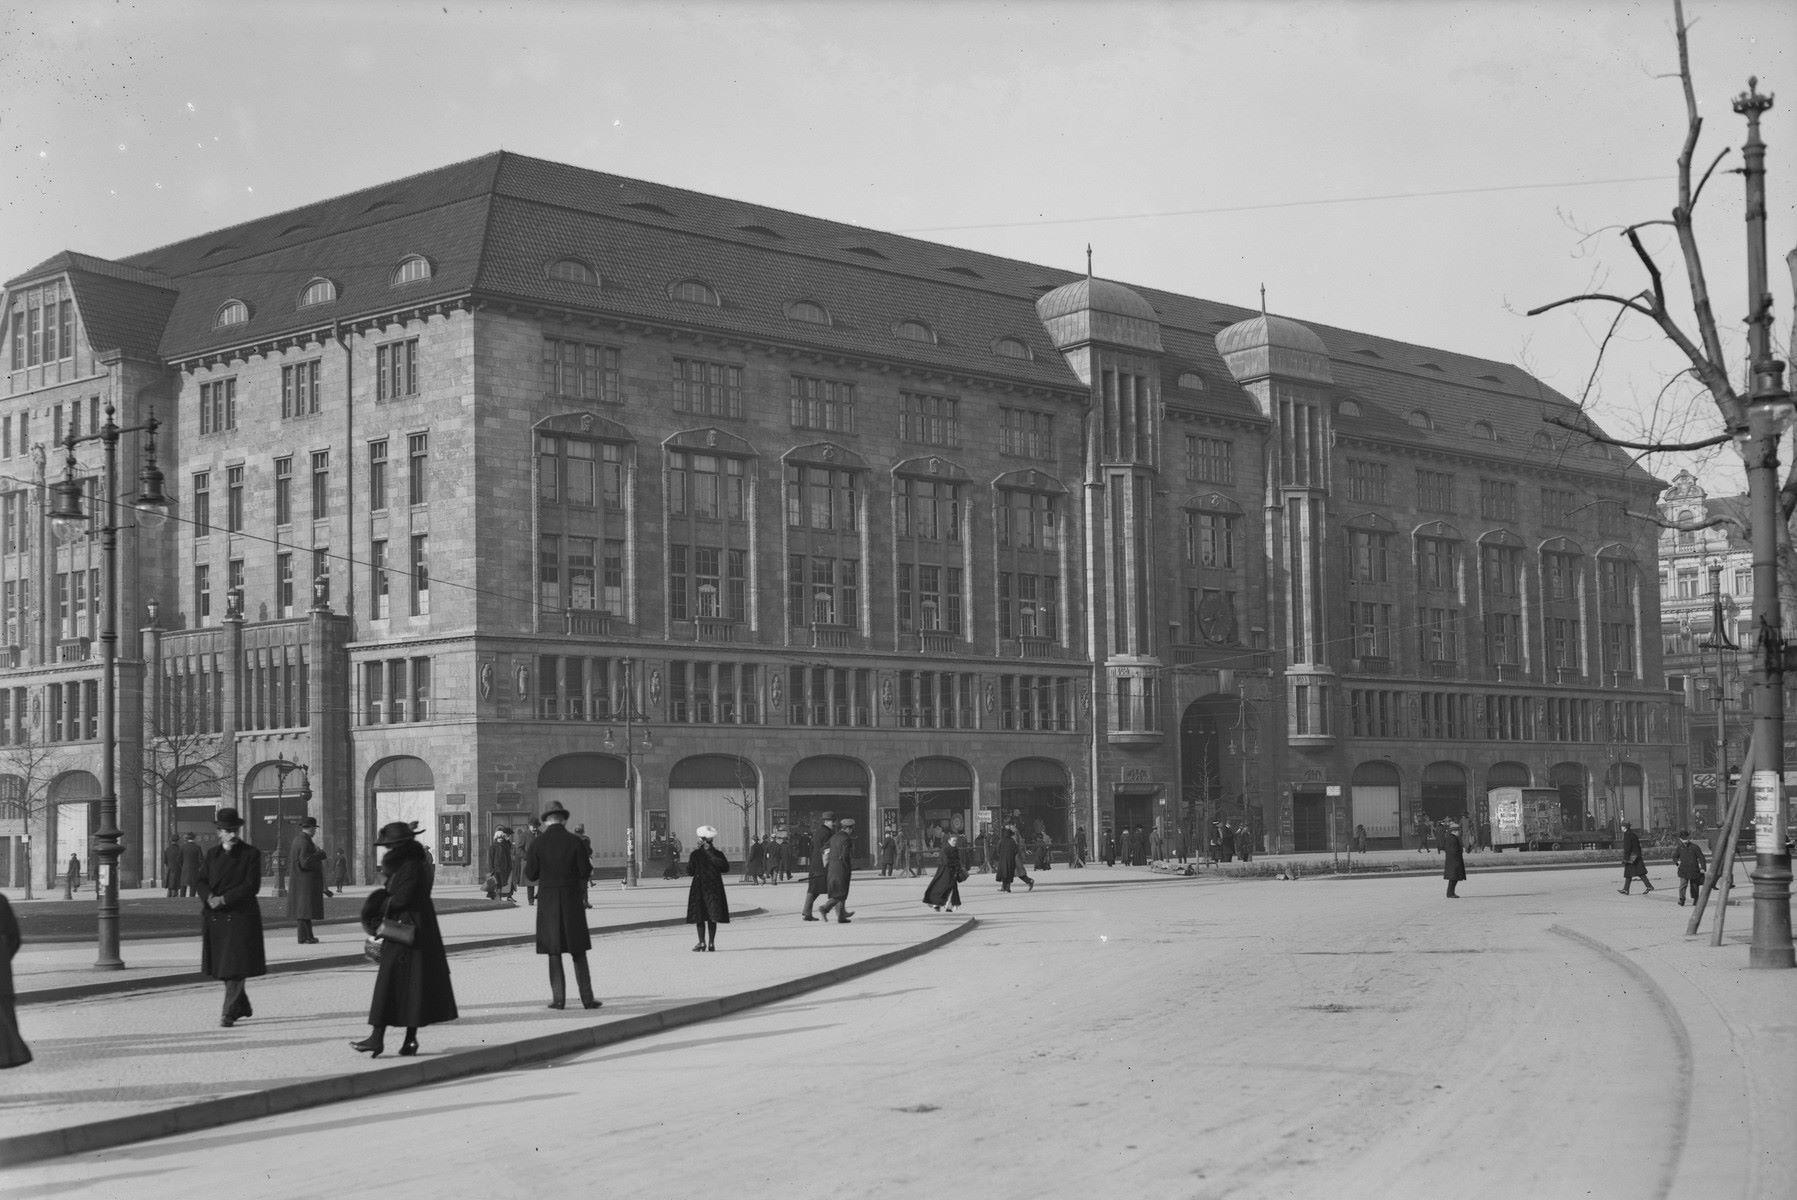 Das Kaufhaus des Westens (KaDeWe) ist ein Warenhaus in Berlin mit einem gehobenen Sortiment und Luxuswaren, das von Adolf Jandorf gegründet und am 27. März 1907 eröffnet wurde.